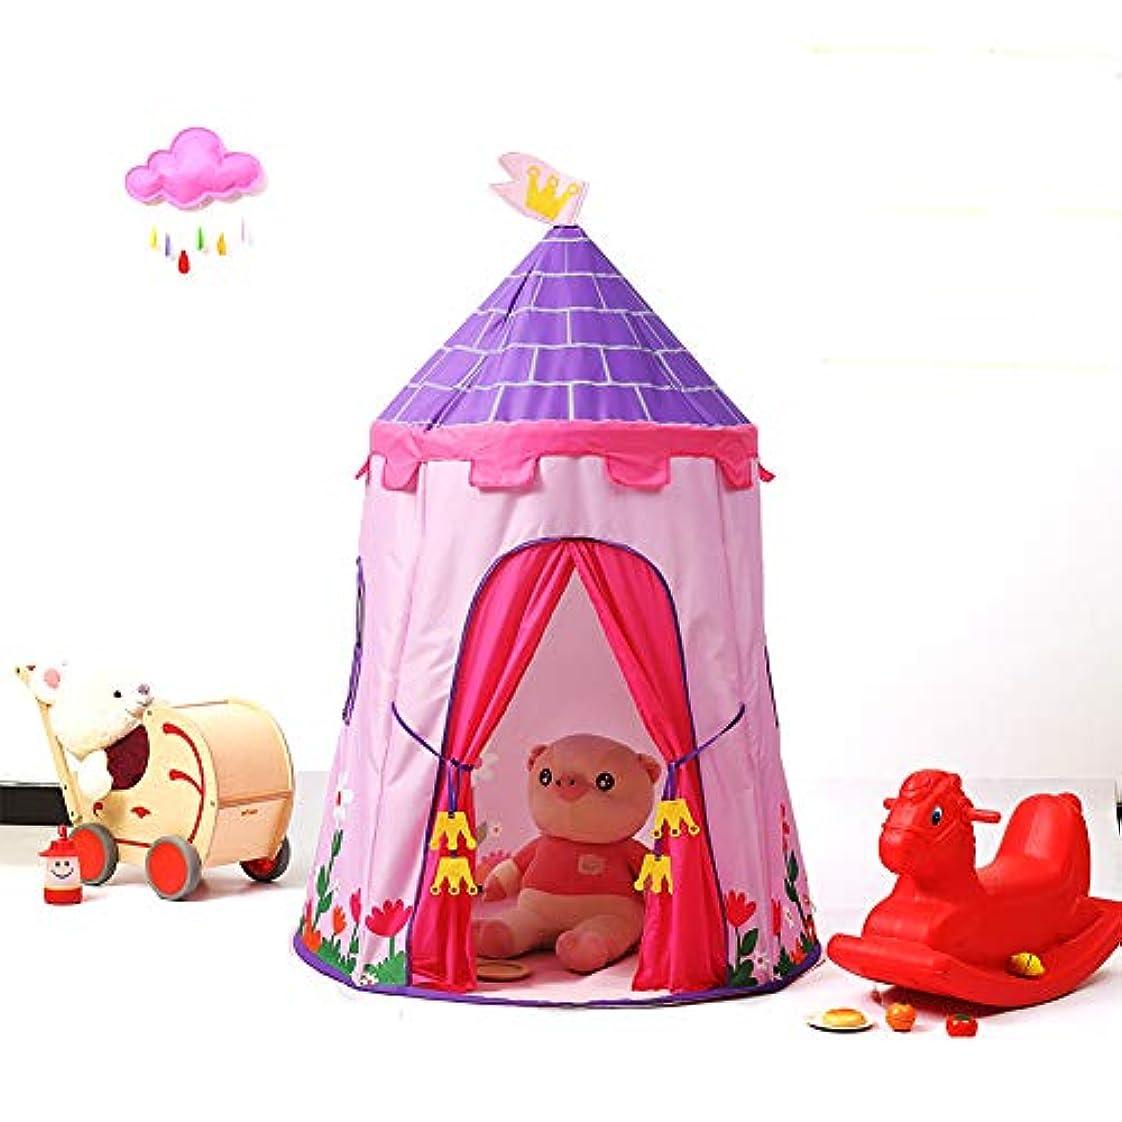 死んでいる通信するであること子供たちは* 110 110 * 150センチメートル、男の子か女の子のための最高の贈り物、屋内と屋外のためのおもちゃの家を折りたたみ、テント、子供用テントを再生します